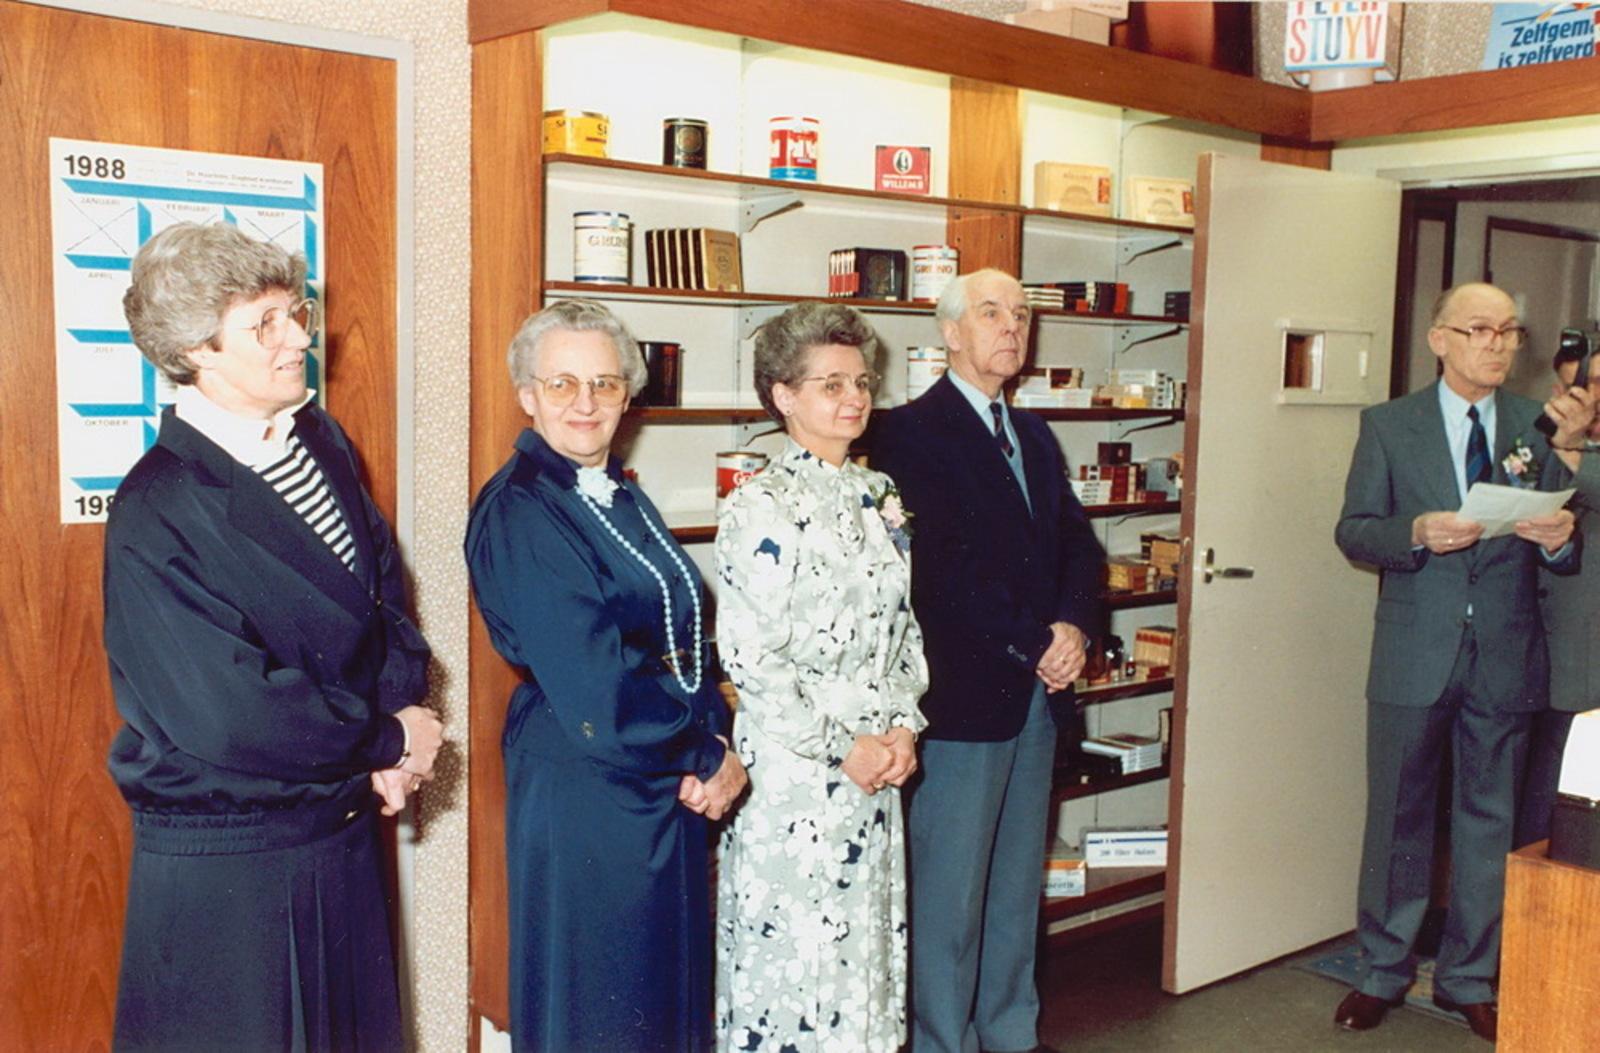 Marktlaan O 0022 1988 Sigarenboer Kraak 50jr Jub en Sluiting 19